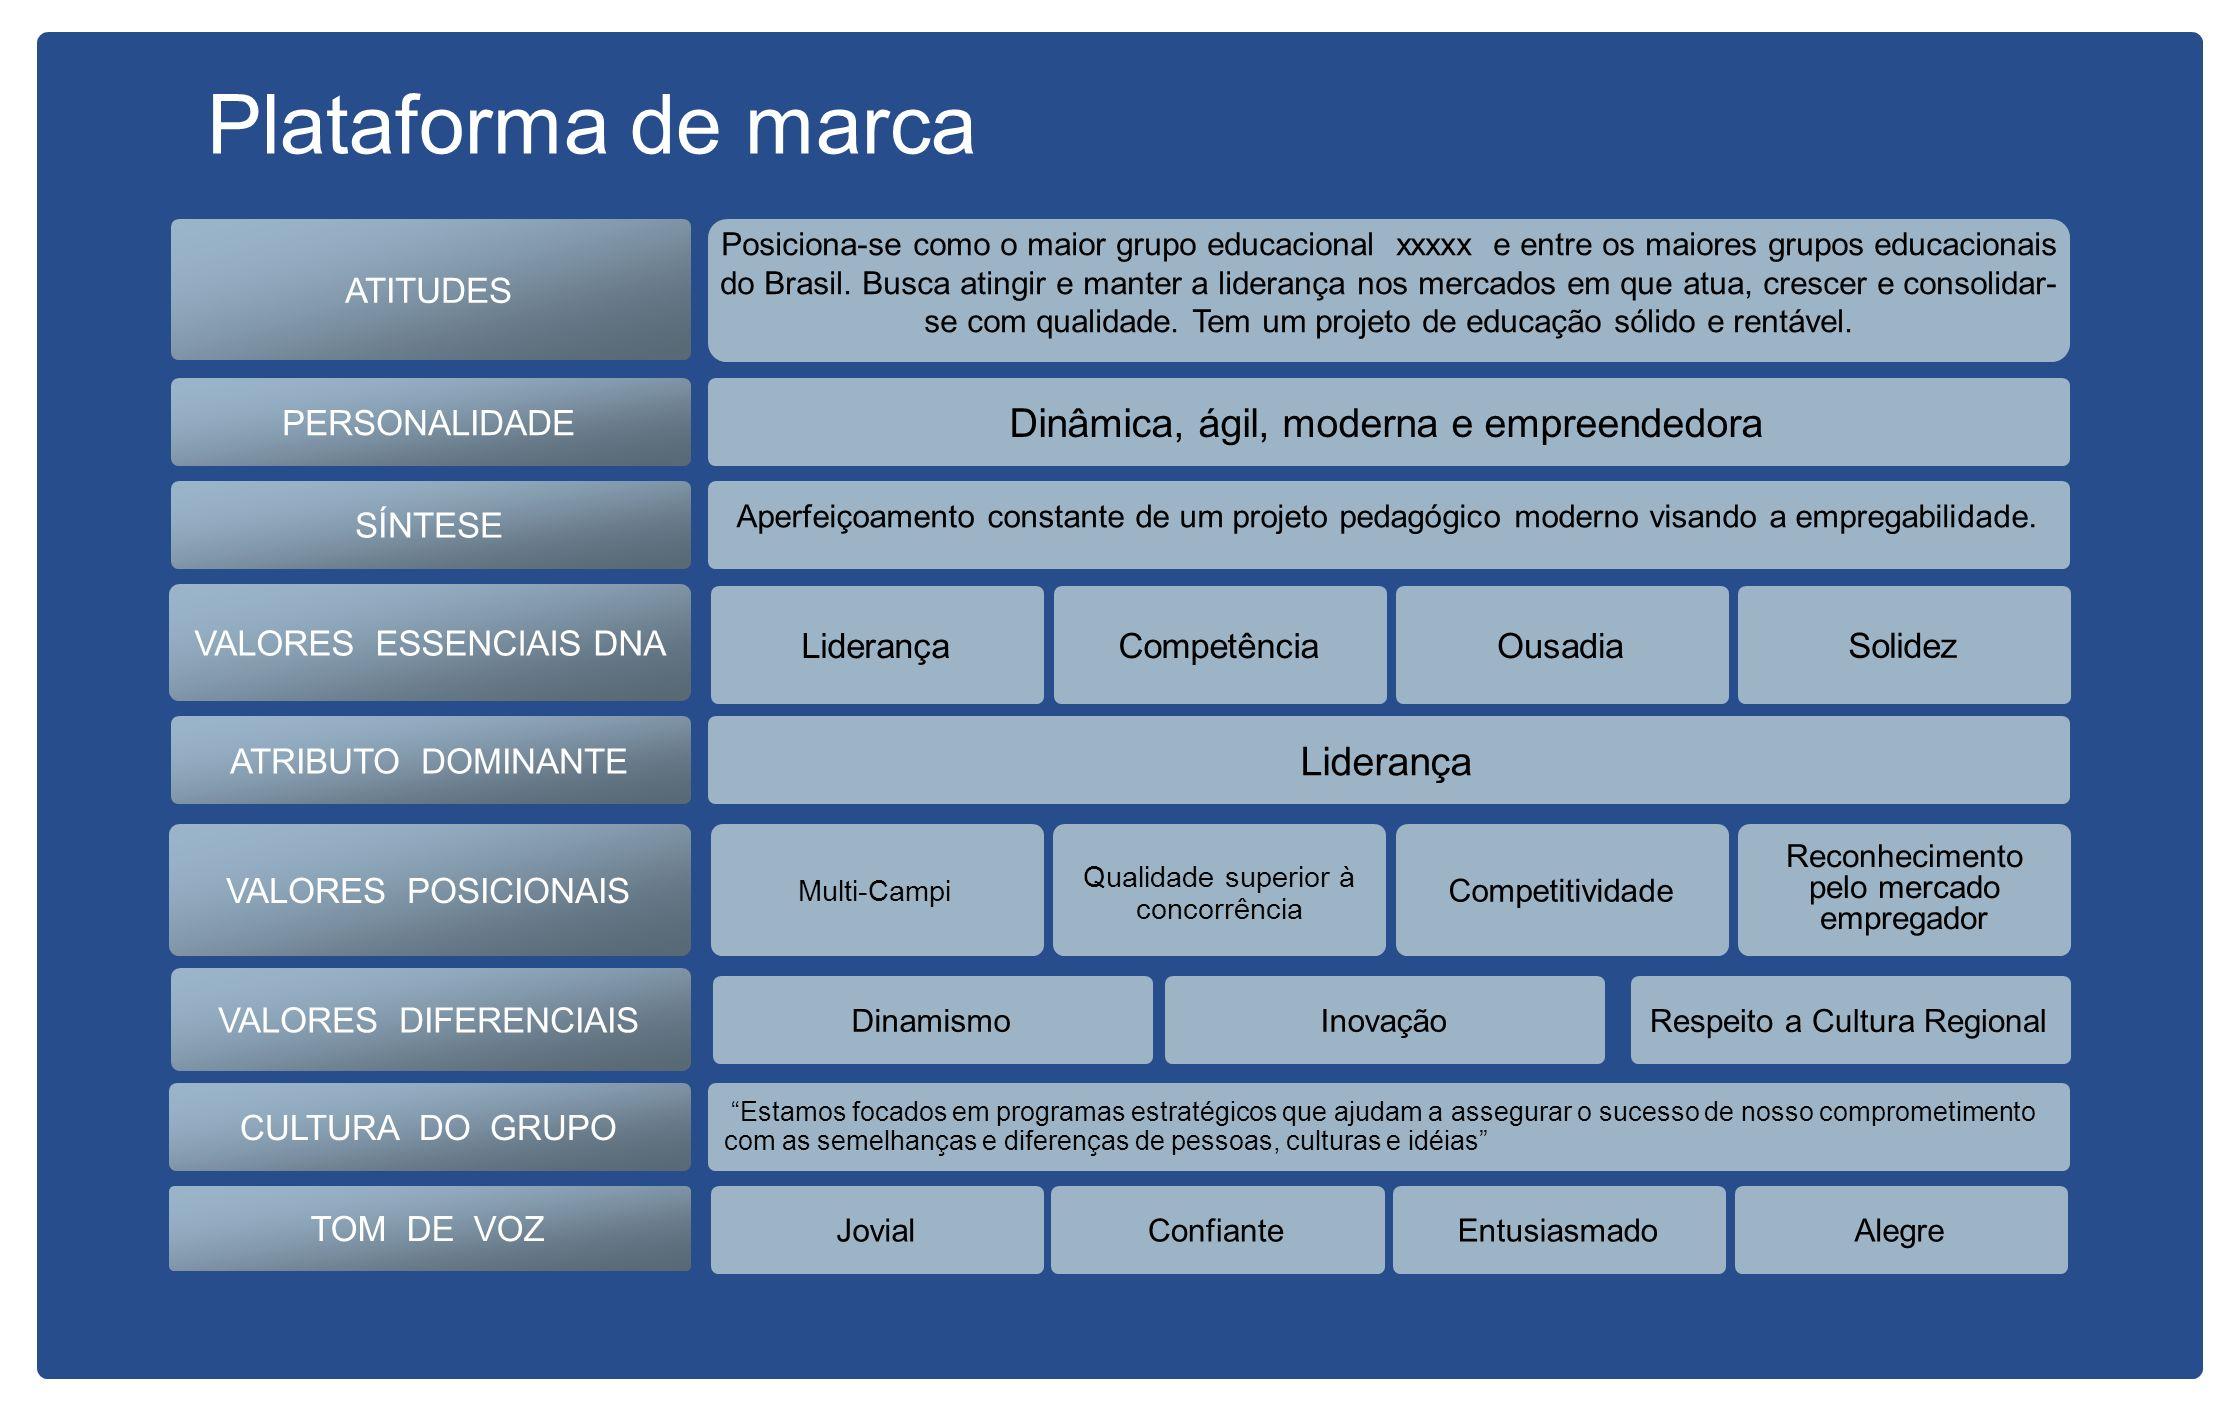 O DNA da marca (Valores Essenciais) consiste num conjunto de atributos que a marca deve expressar.